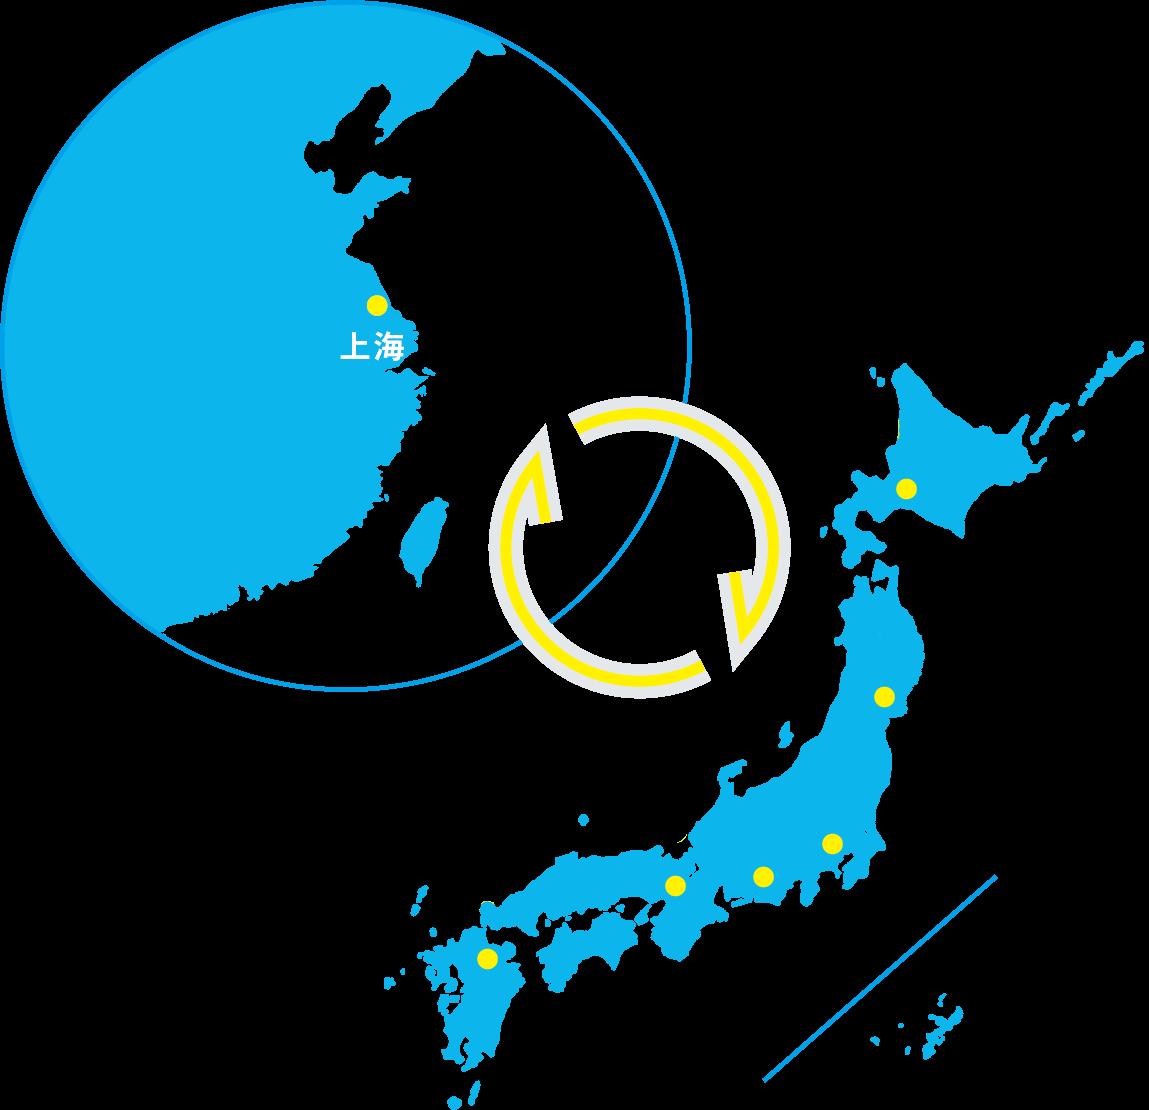 日本地図、上海